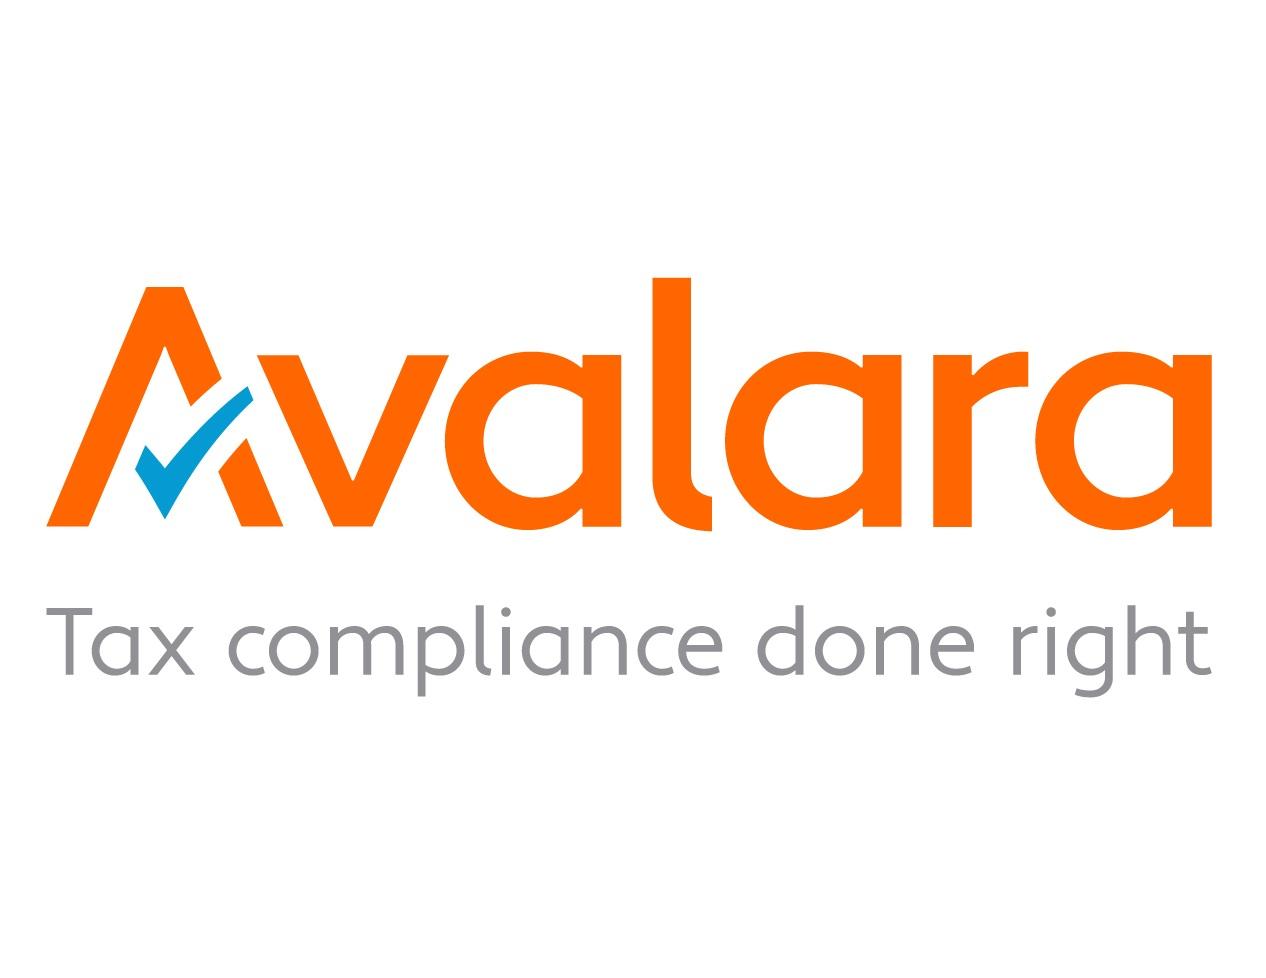 Avalara_Logo.jpg